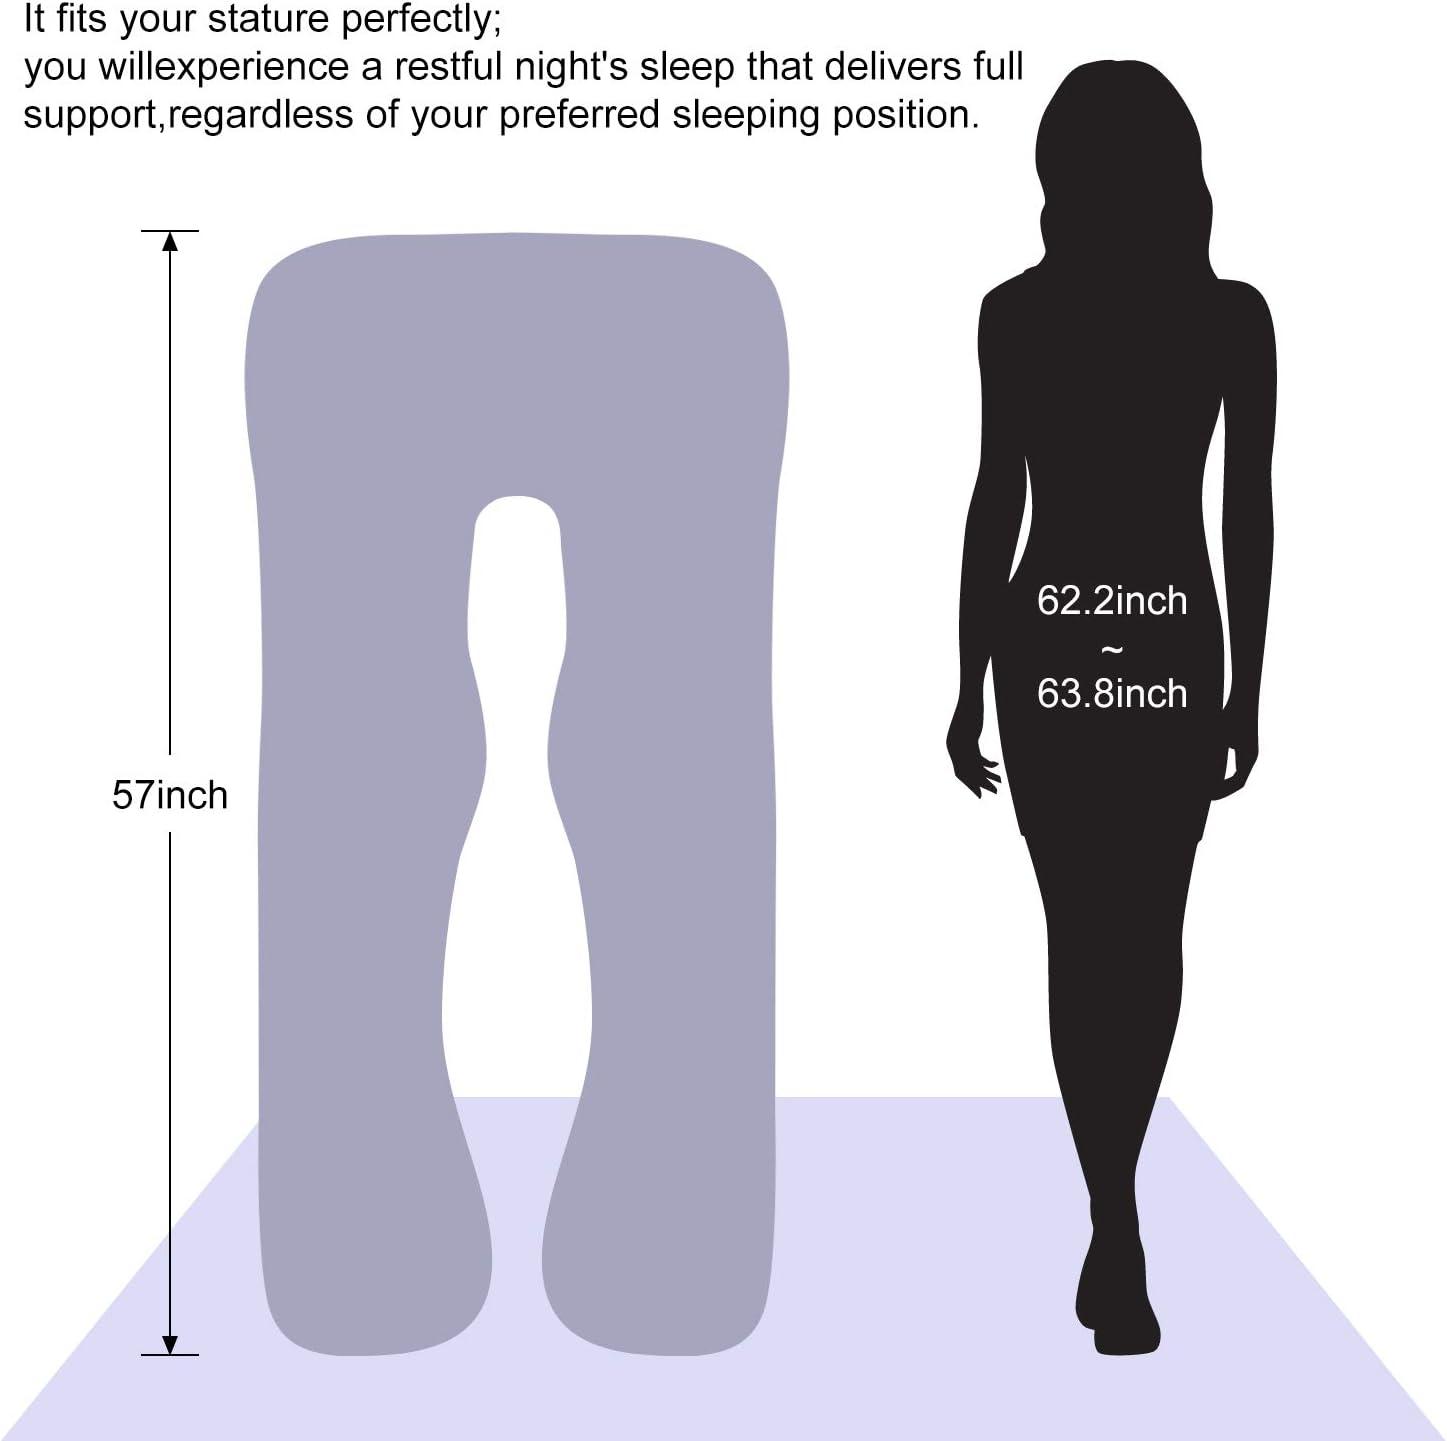 Victostar Almohada para el embarazo Almohada de maternidad de cuerpo completo en forma de U para mujeres embarazadas con funda lavable Premium Tama/ño 57